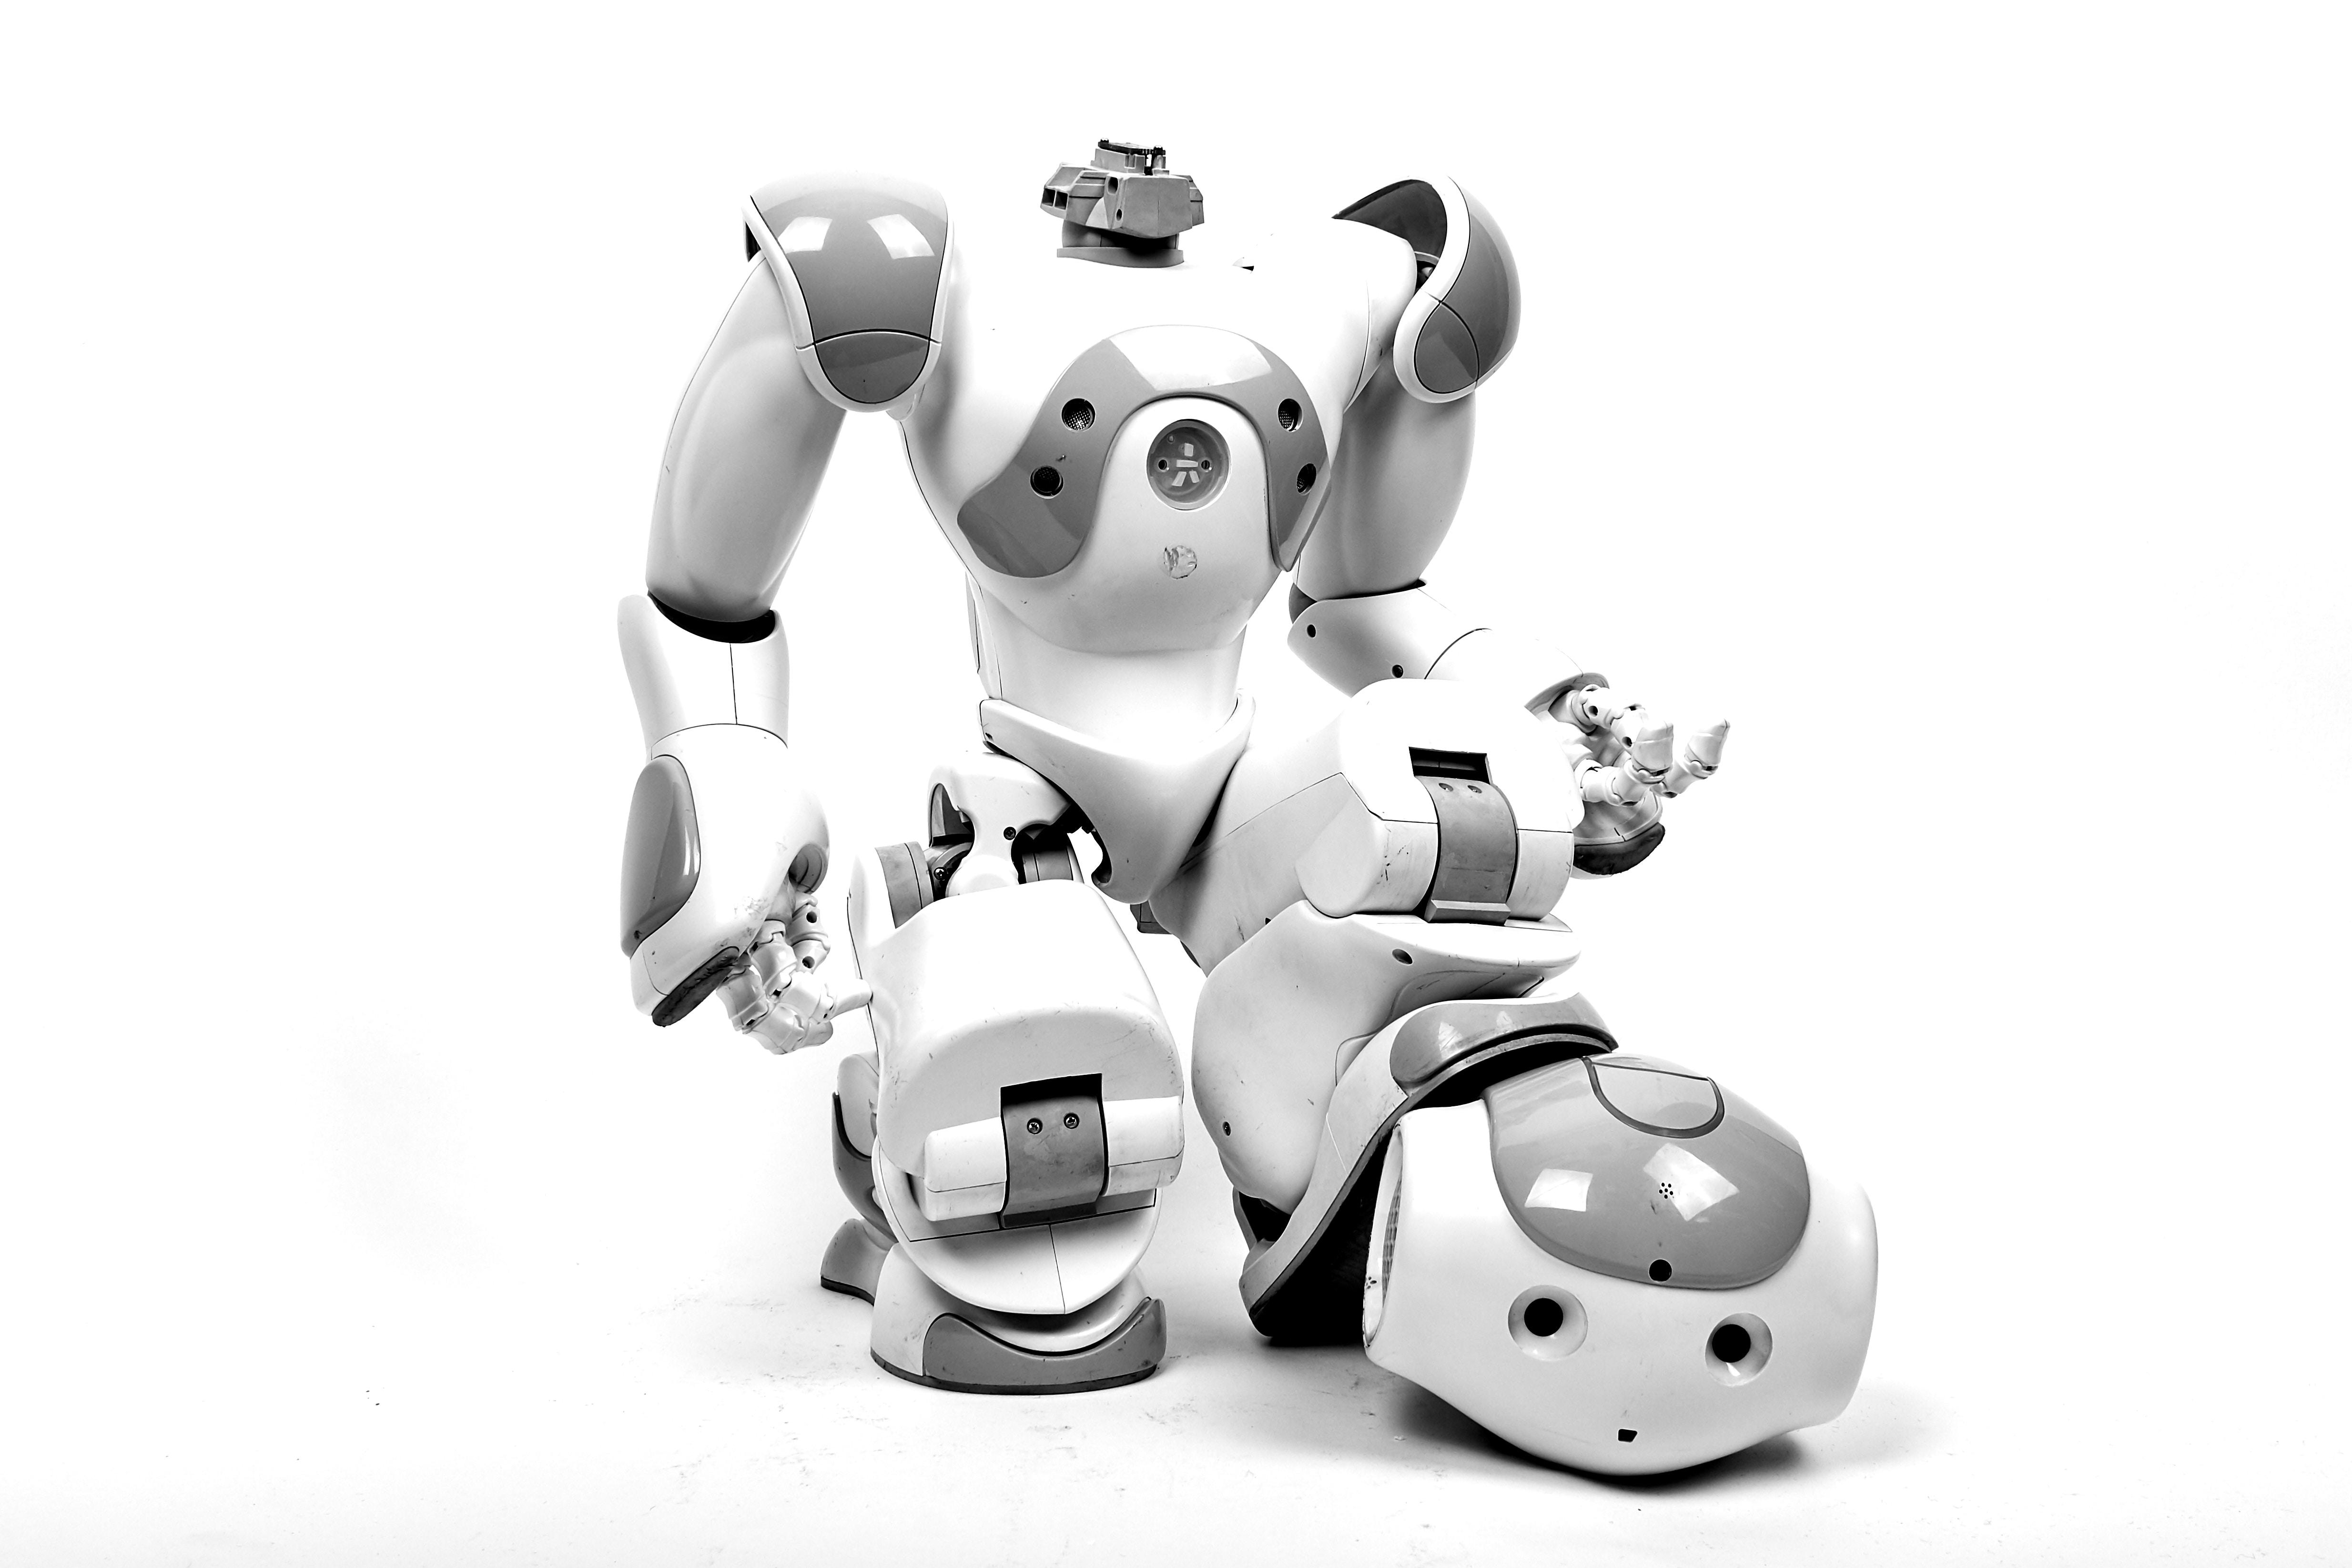 A headless robot